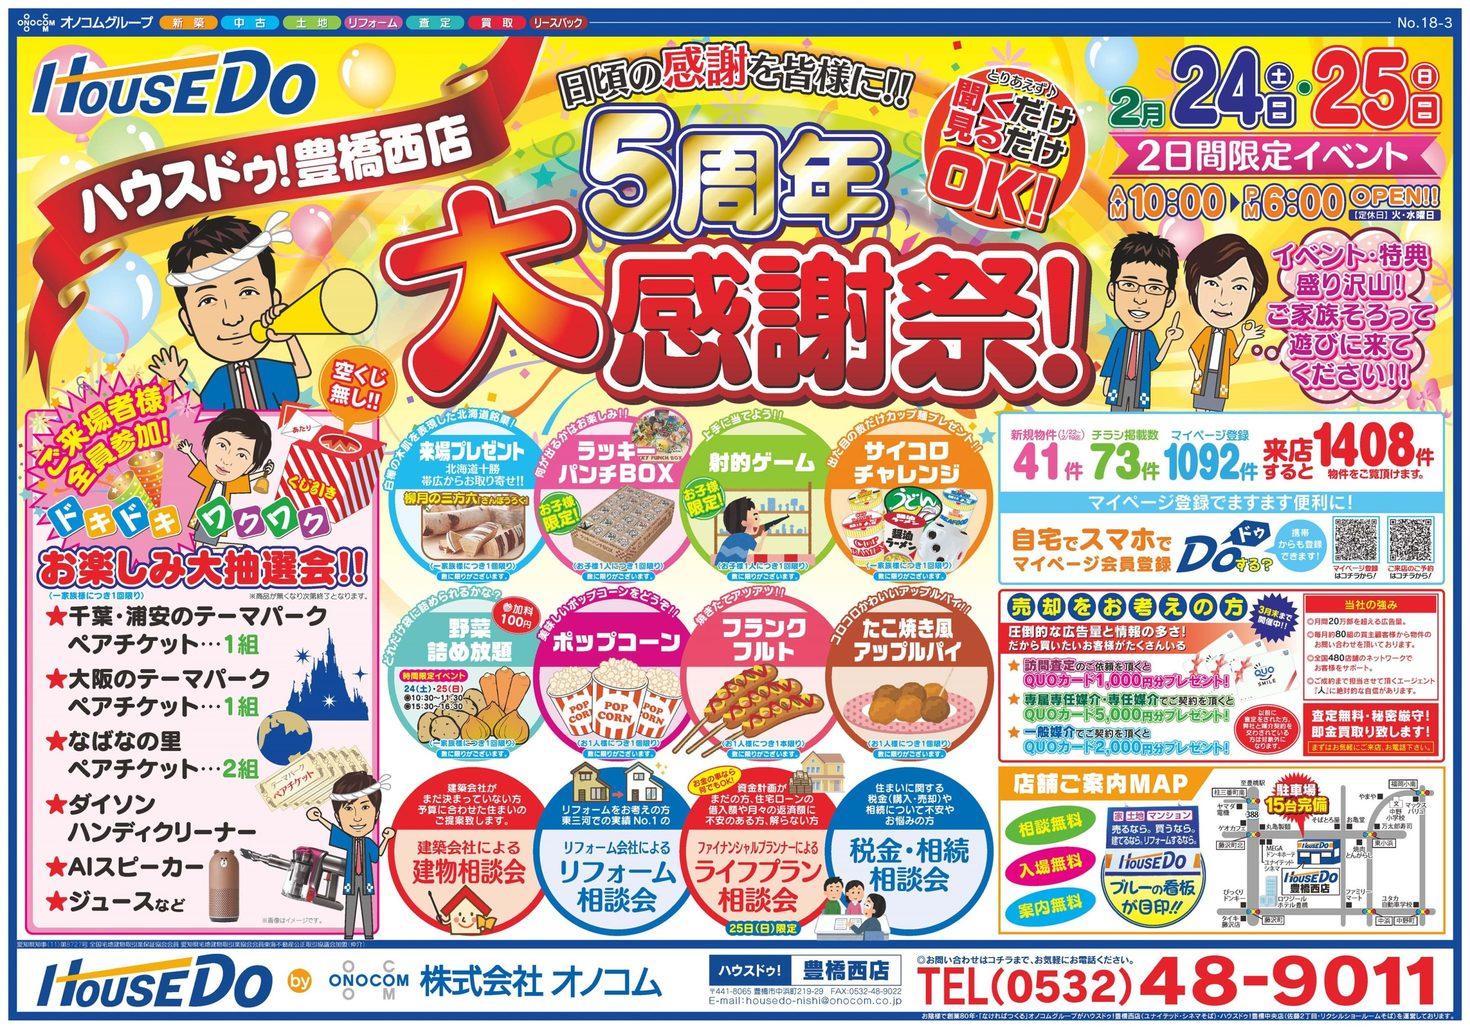 ☆☆豊橋西店 最新不動産チラシ 2月23日号☆☆